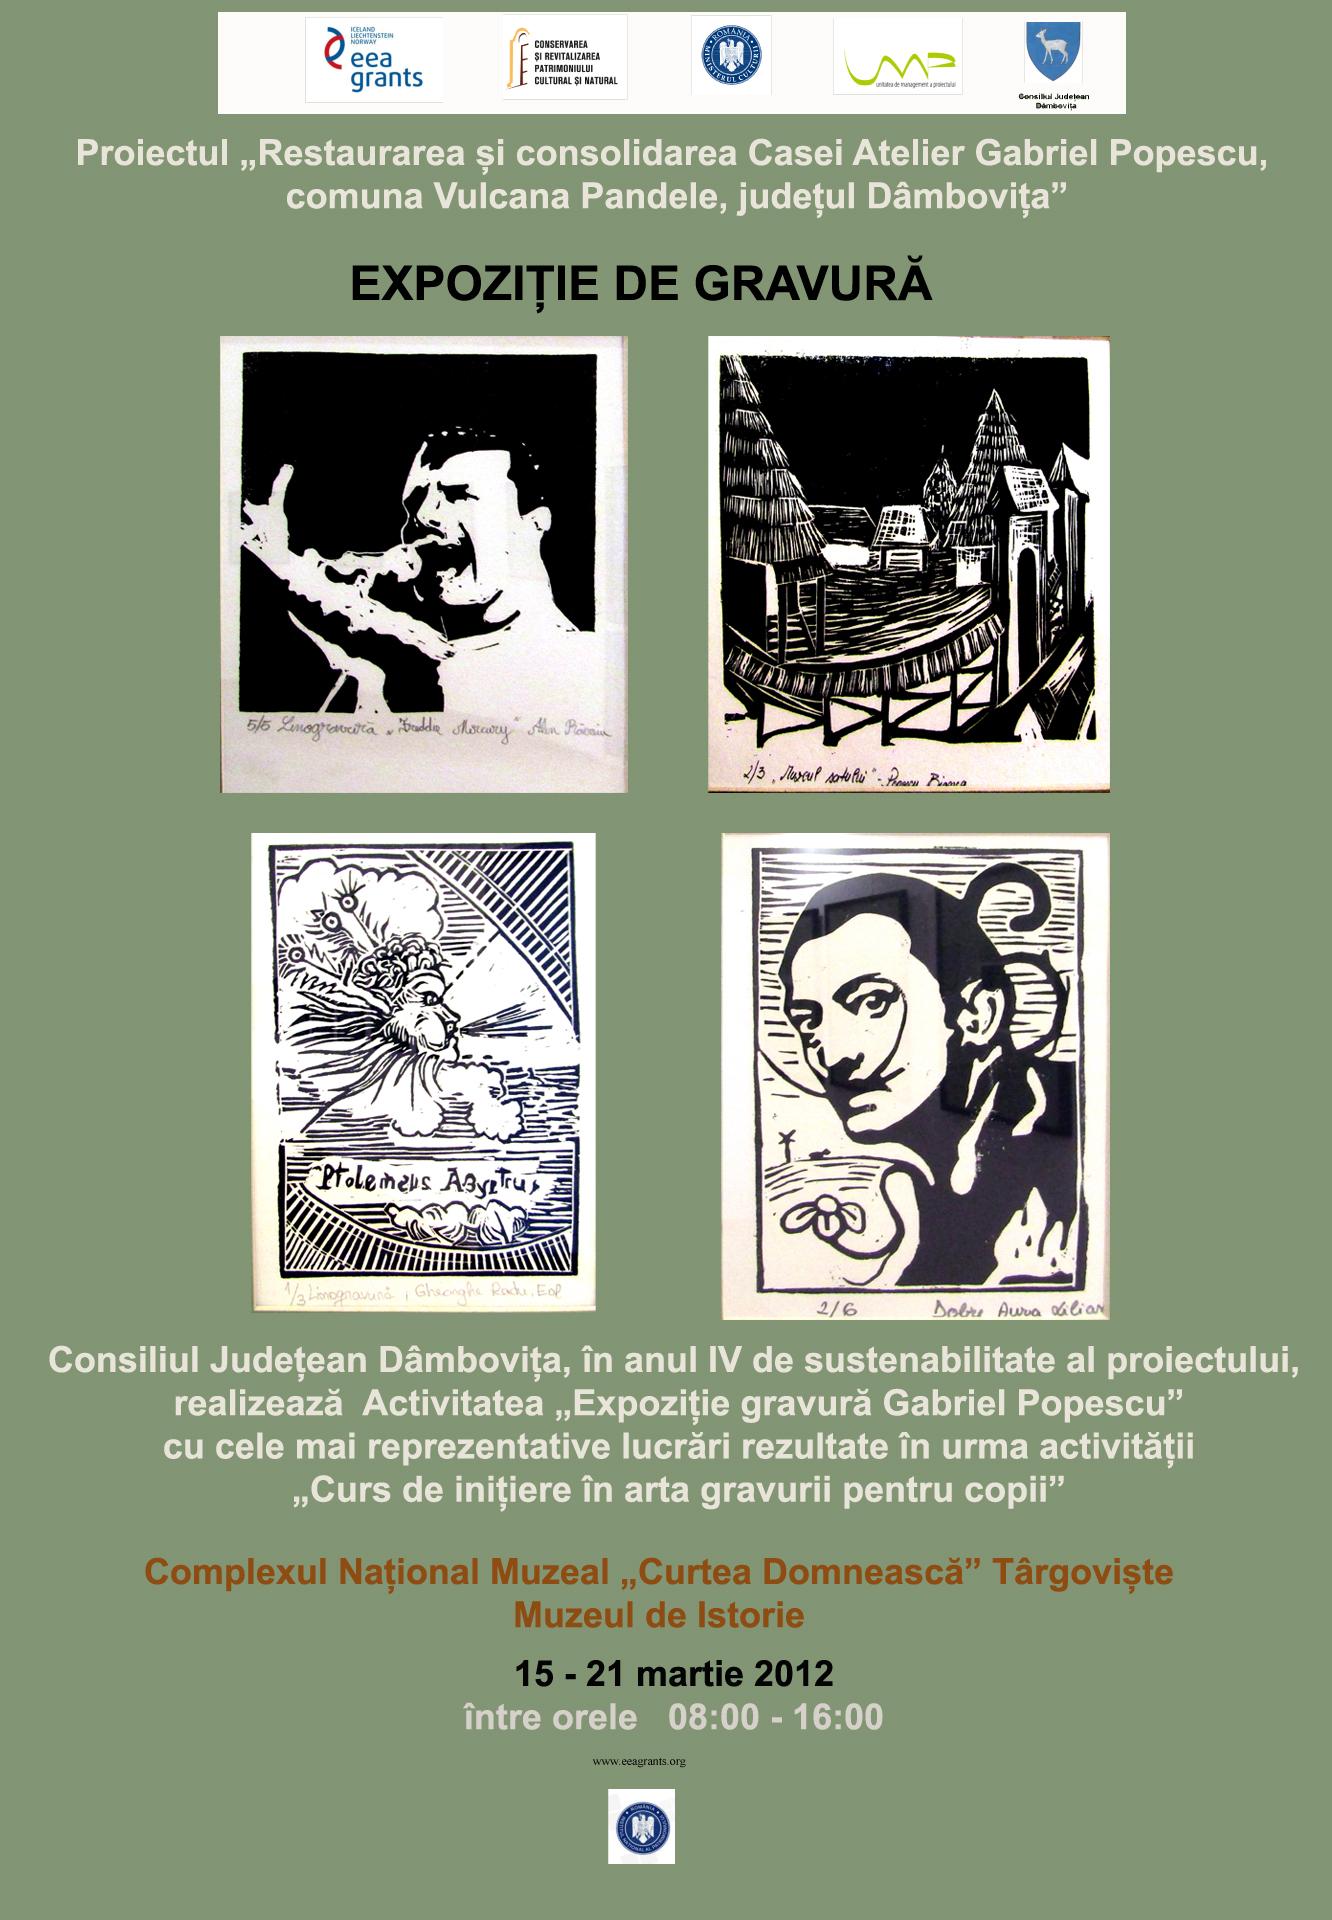 afis expo gravura